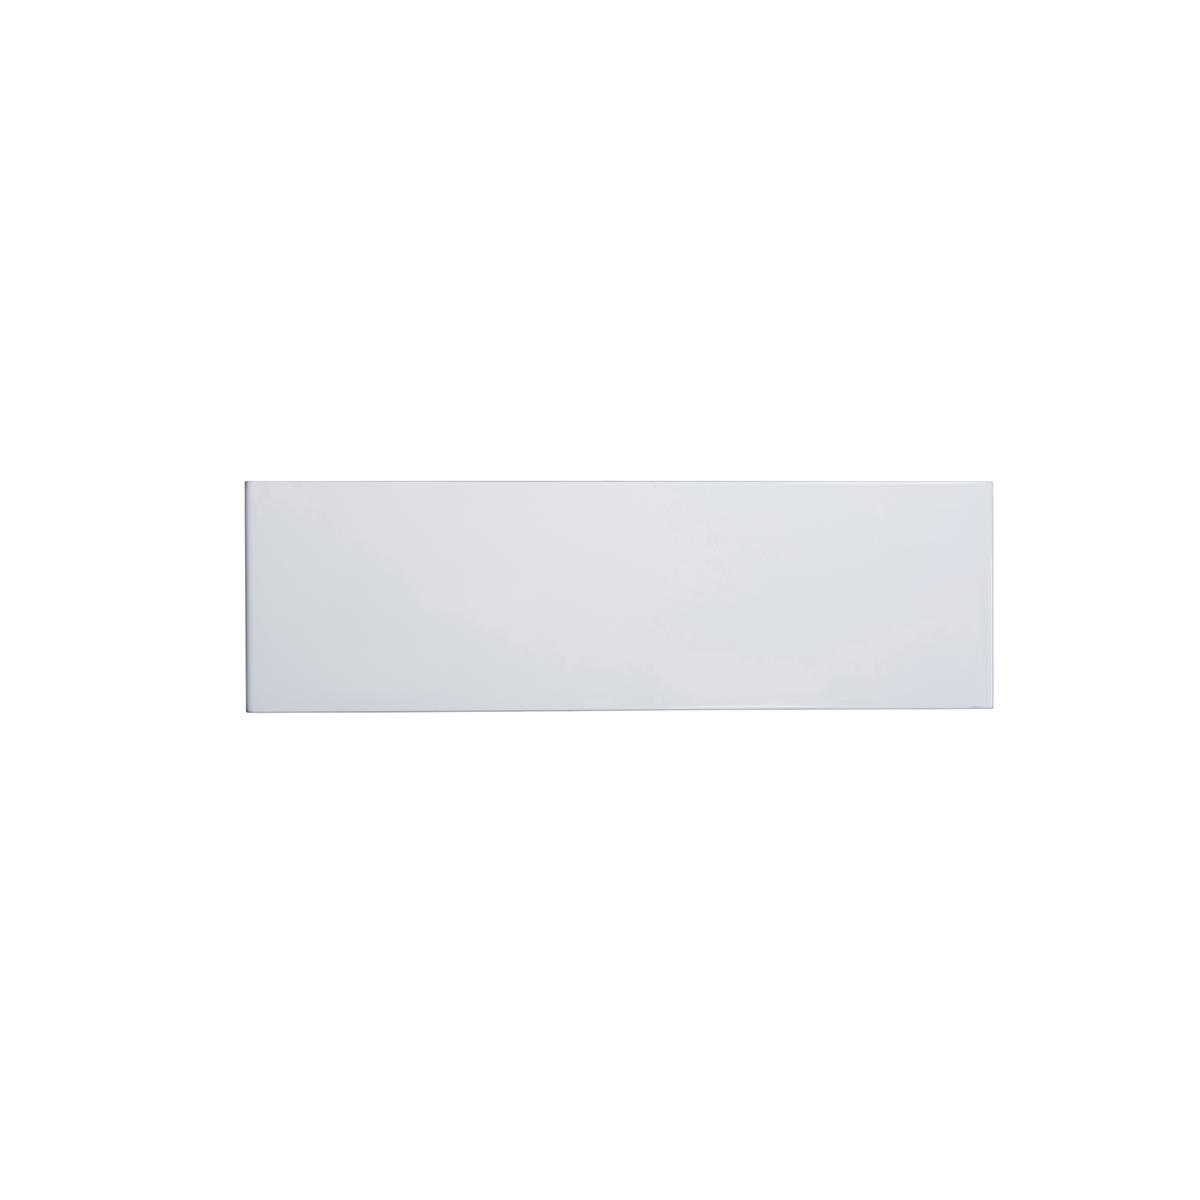 Панель фронтальная для акриловой ванны Roca BeCool 170х80 ZRU9302854 панель фронтальная для ванны акриловой cersanit 140см универсальная